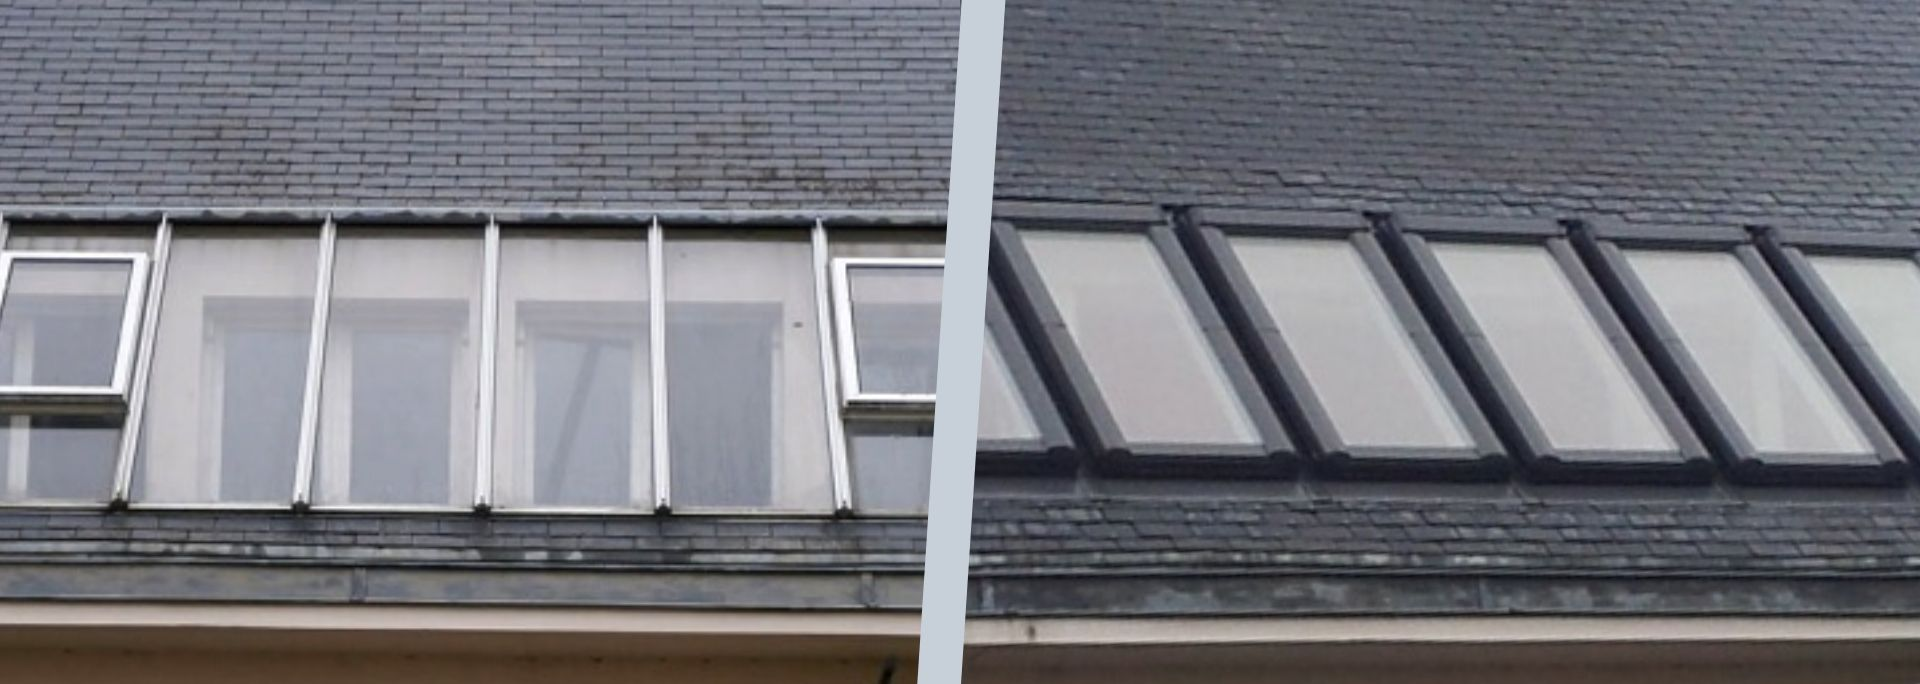 Rénovation - remplacement de fenêtres de toit